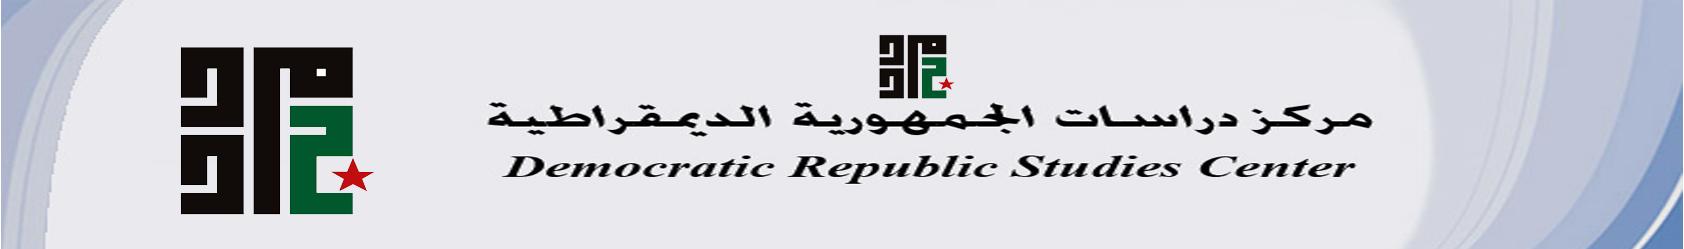 مركز دراسات الجمهورية الديموقراطية